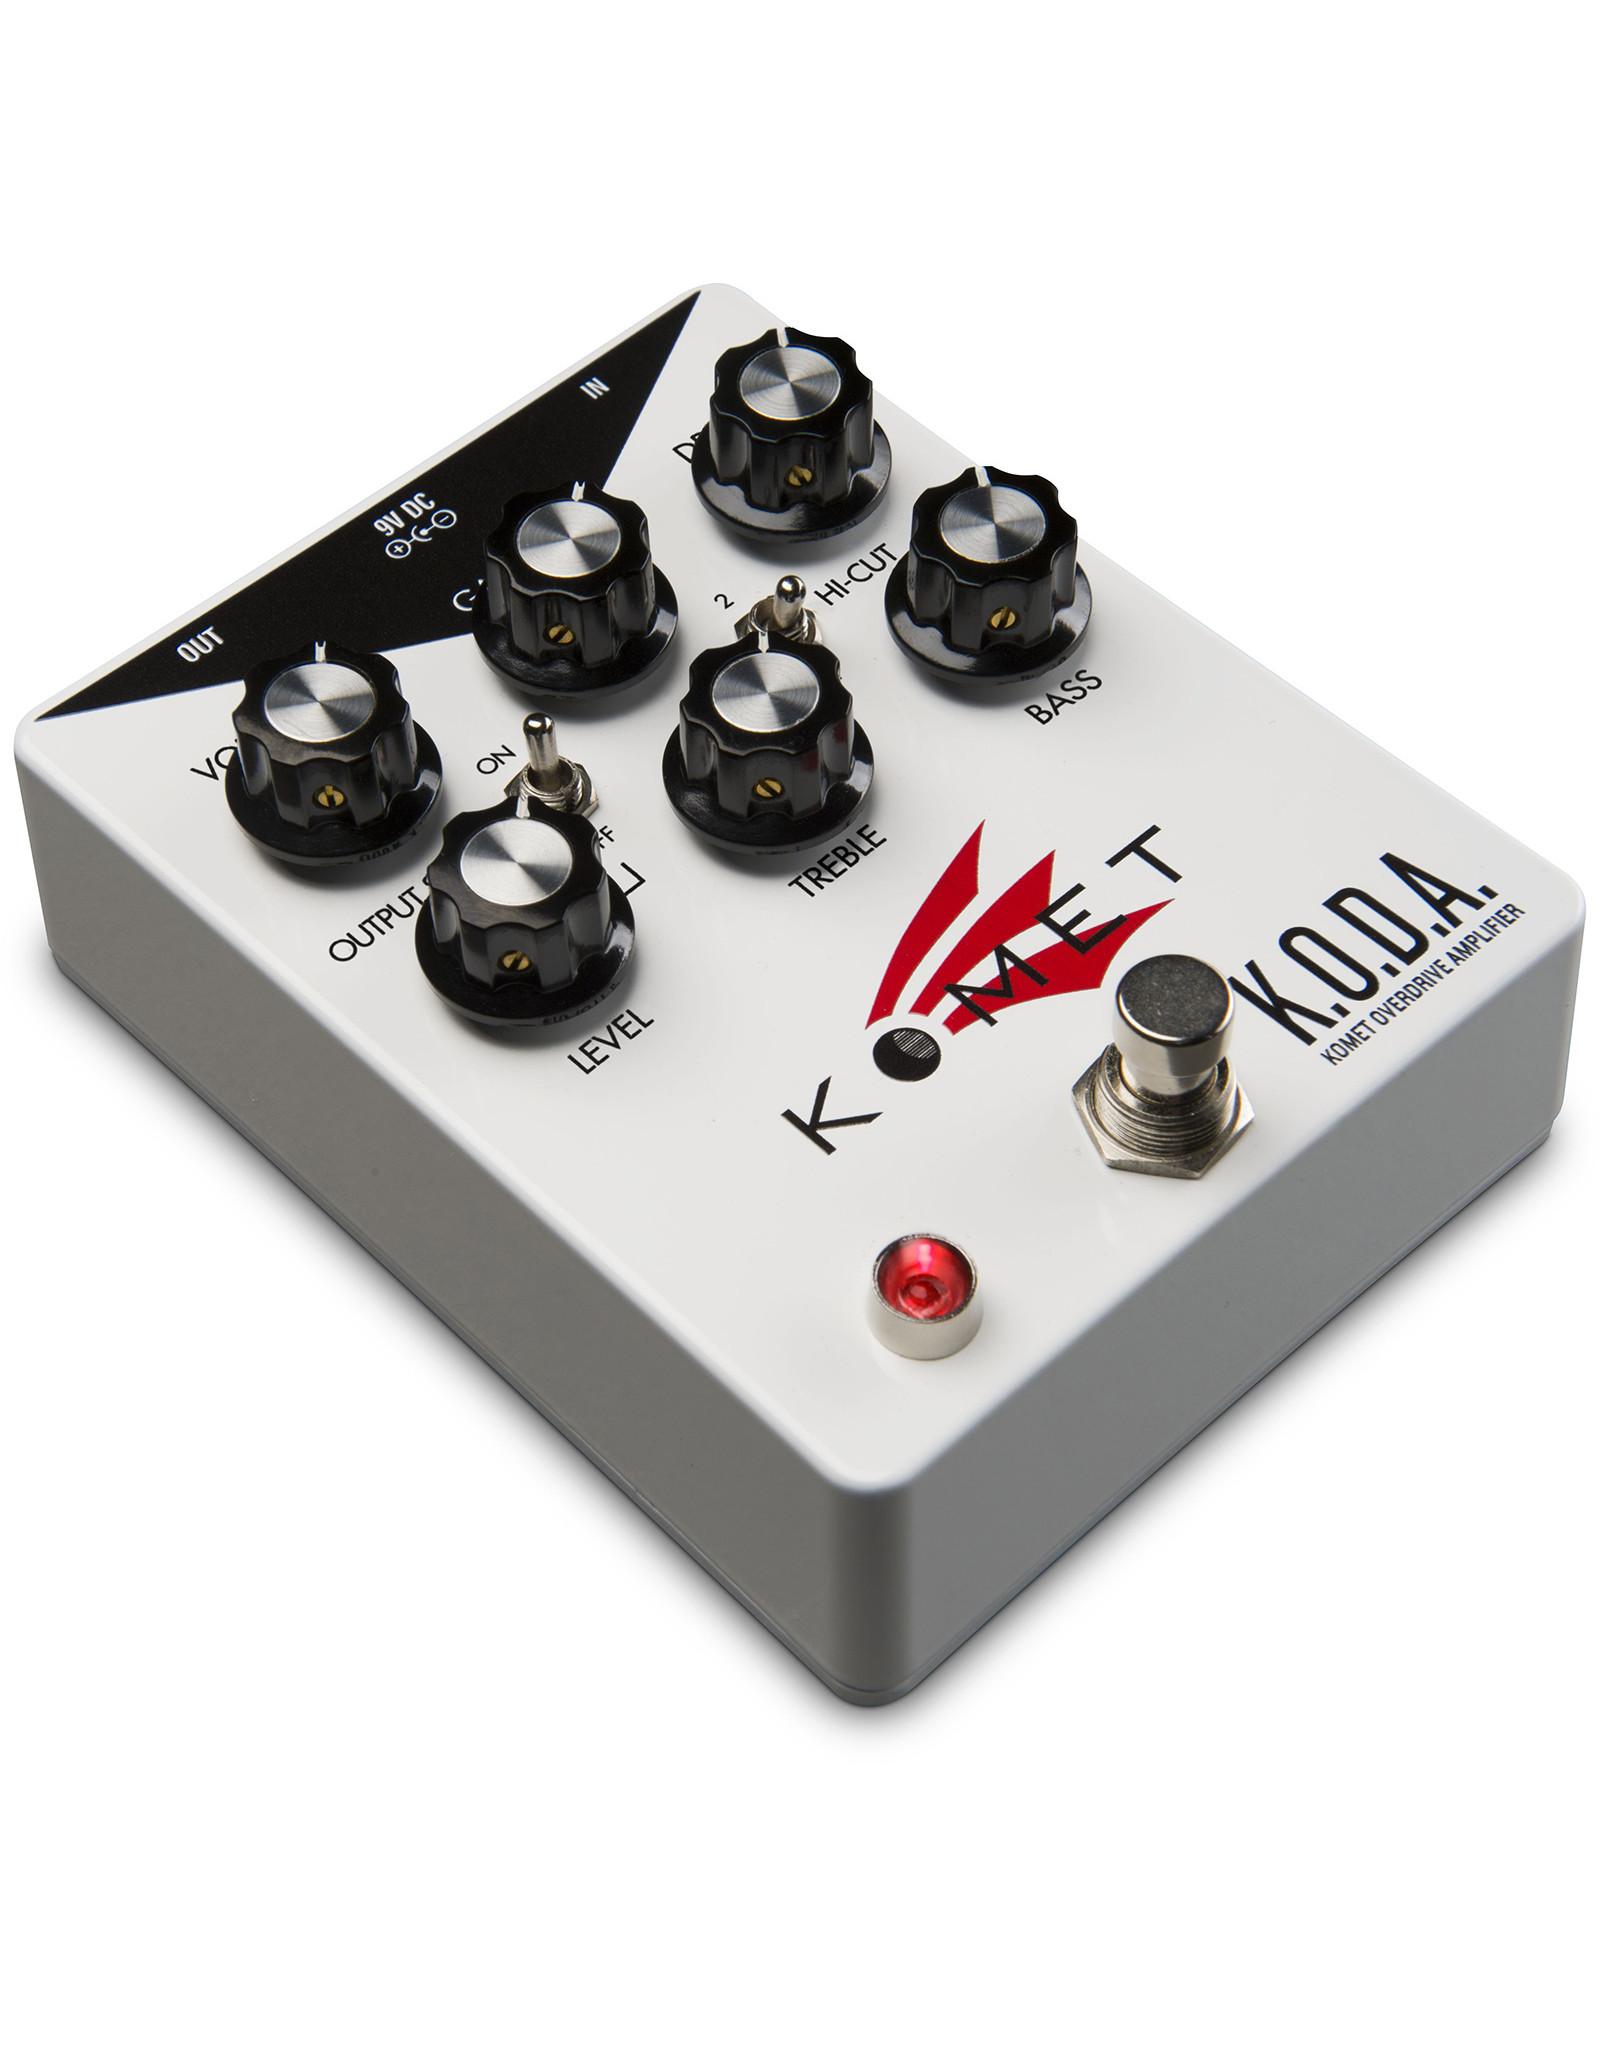 Komet Amps Komet K.O.D.A. Overdrive Amplifier pedal